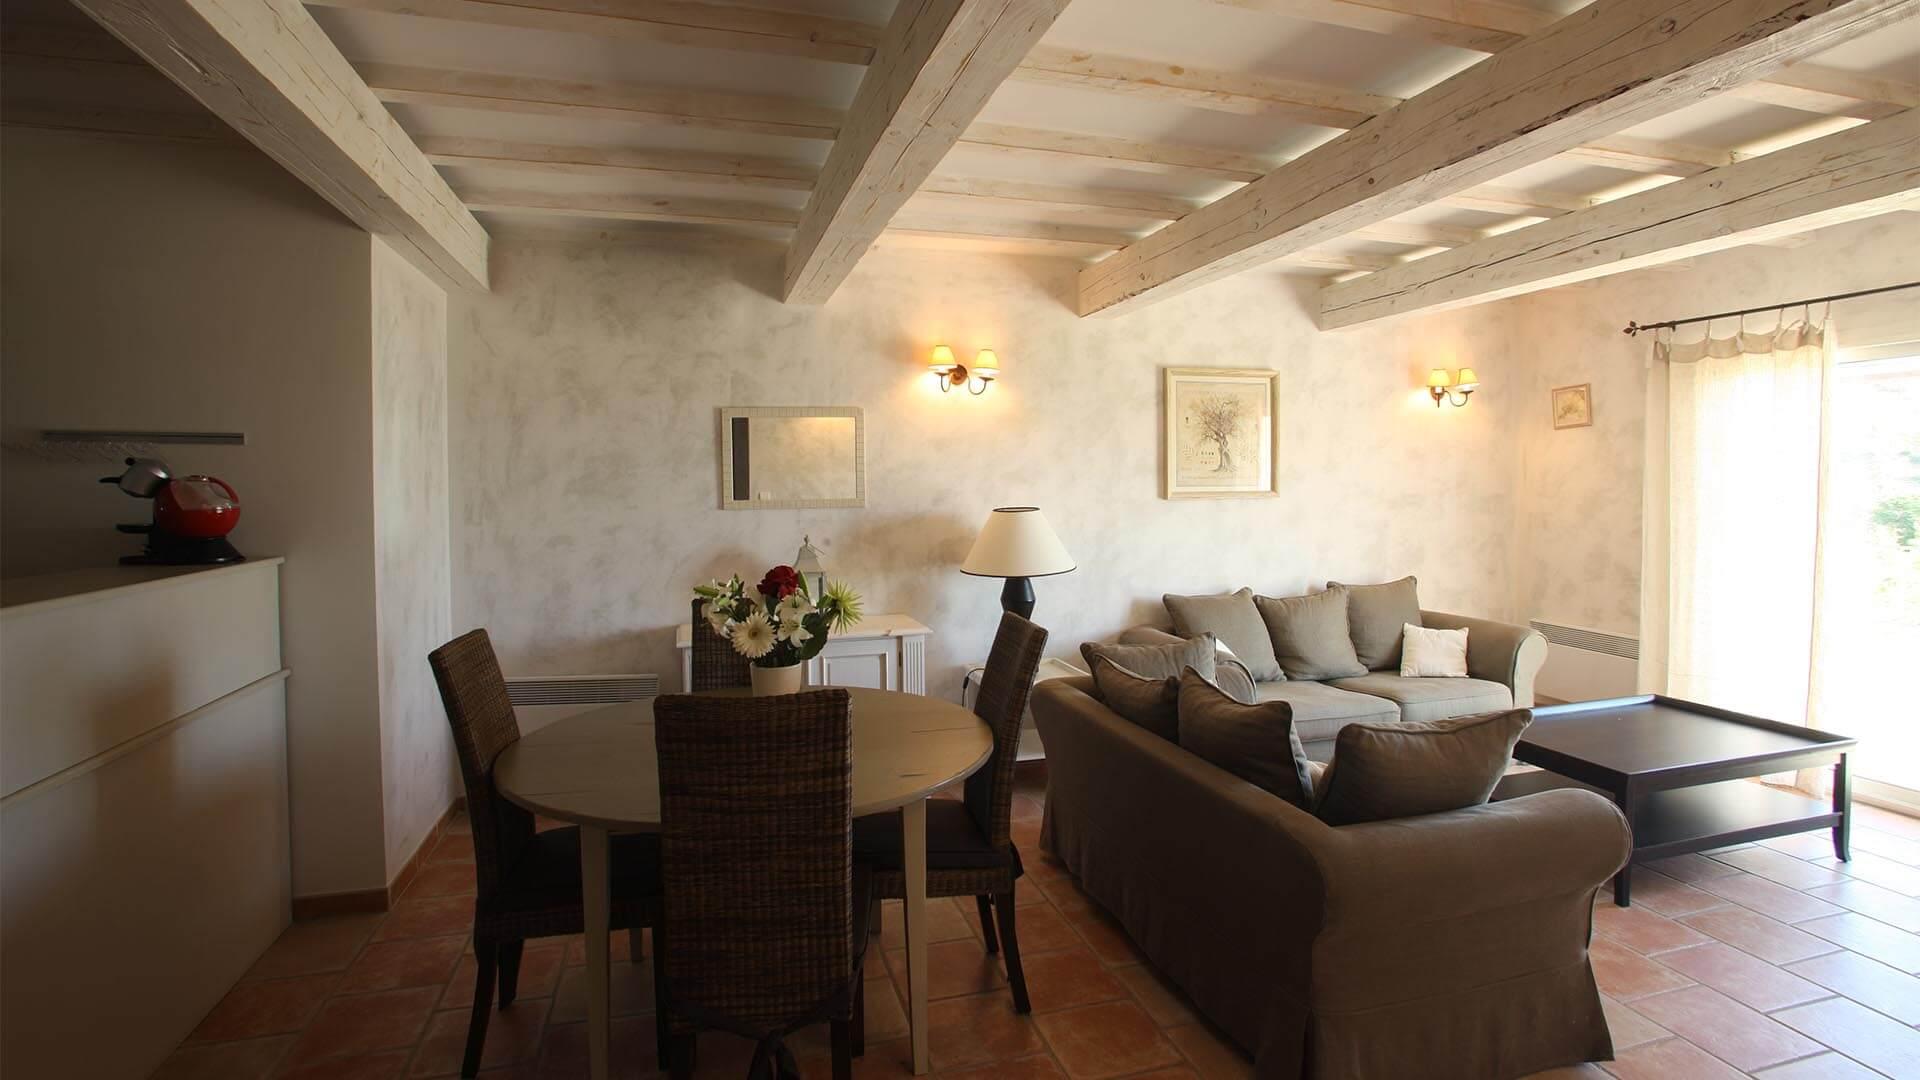 Location saisonnière maison Provence | Villa les tournesols | Salon, salle à manger